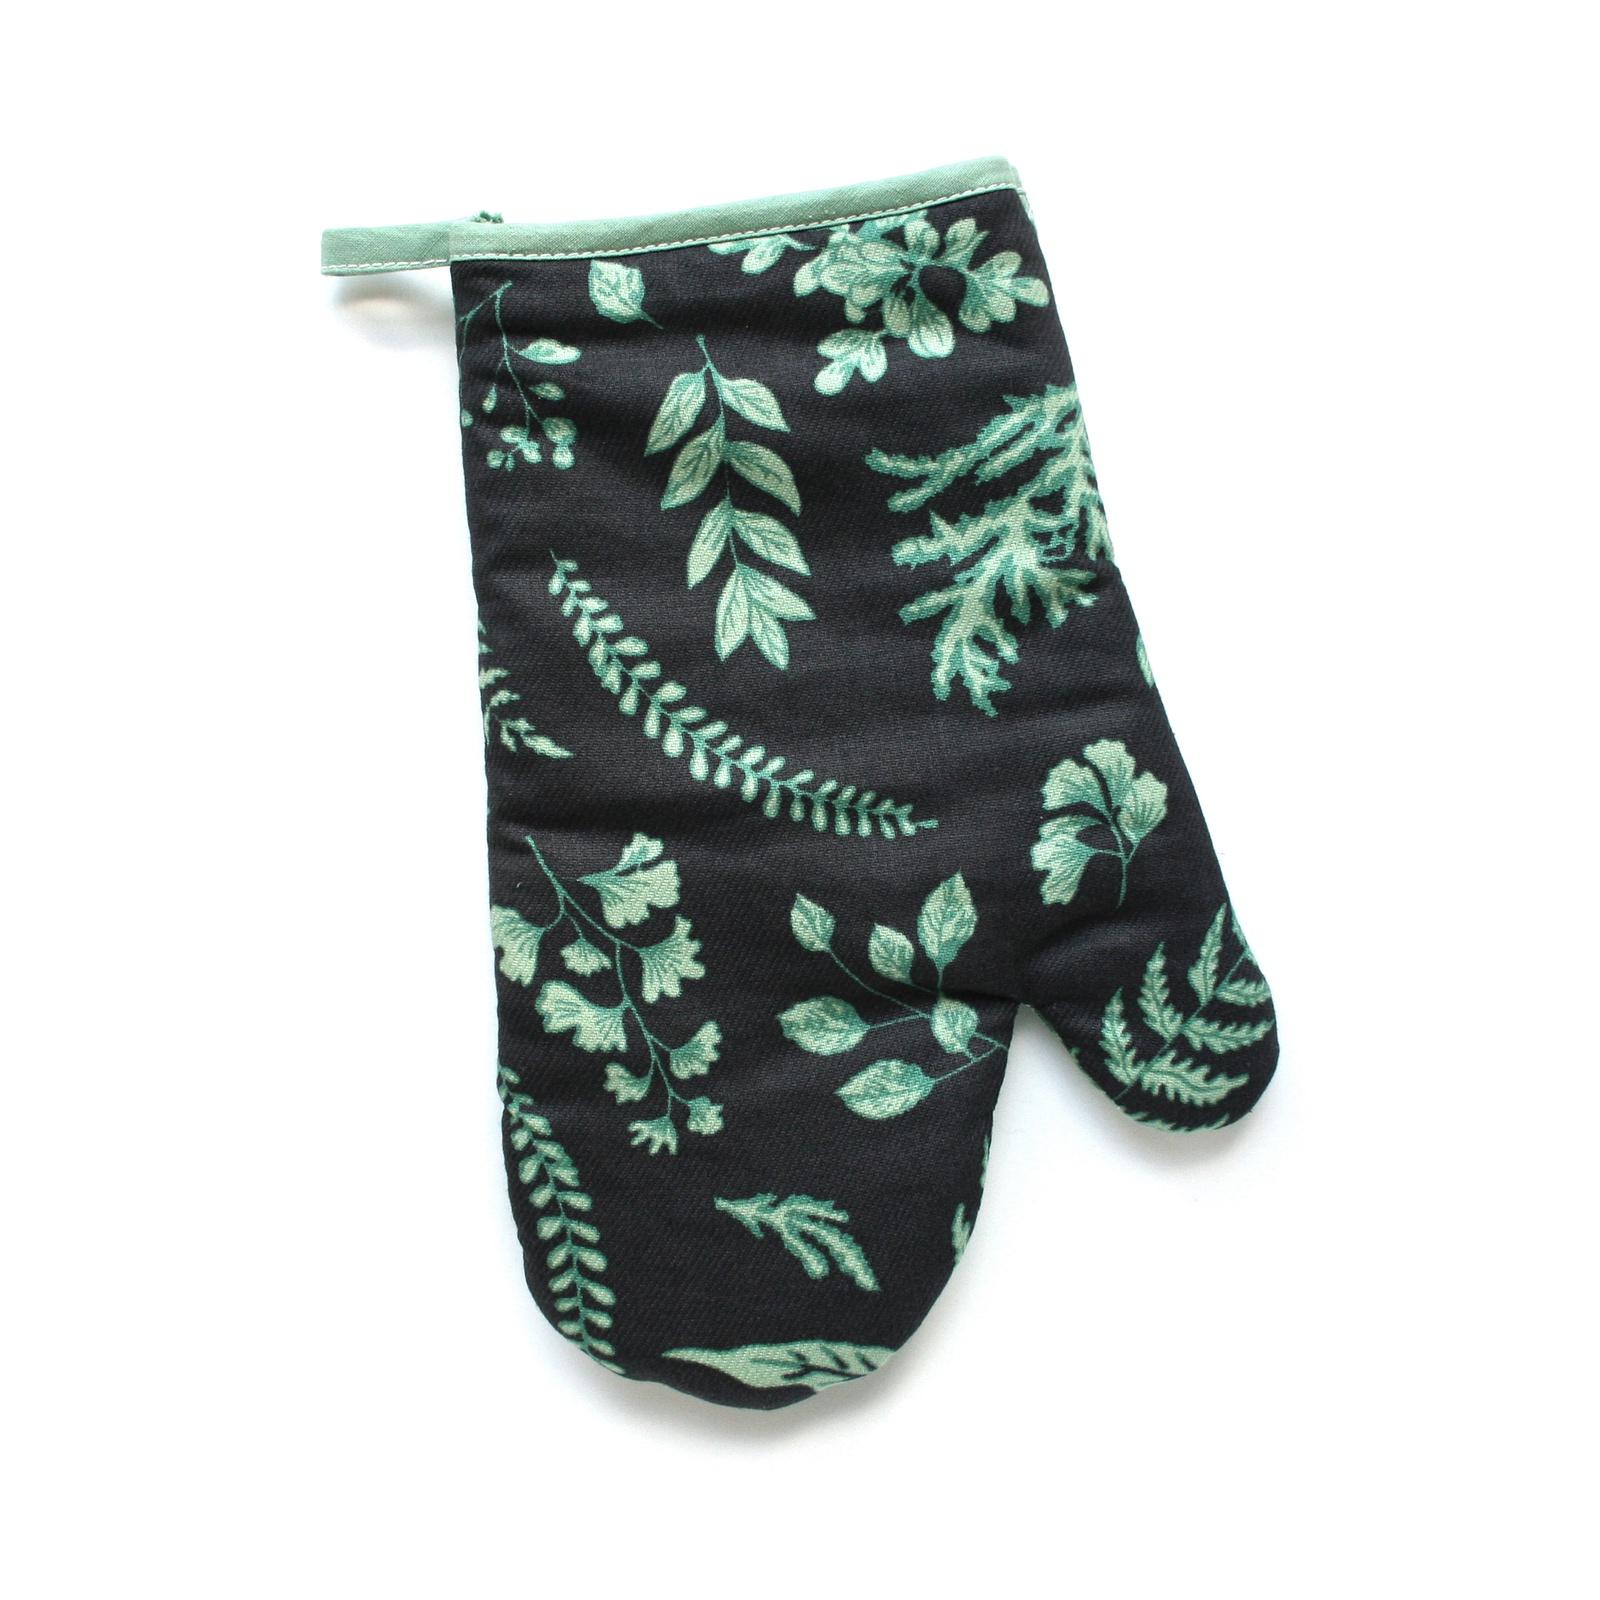 Прихватка-рукавица Bonita Ботаника, черный, зеленый, 17 х 28 см фартук кухонный bonita ботаника 14010818037 черный зеленый 65 х 75 см